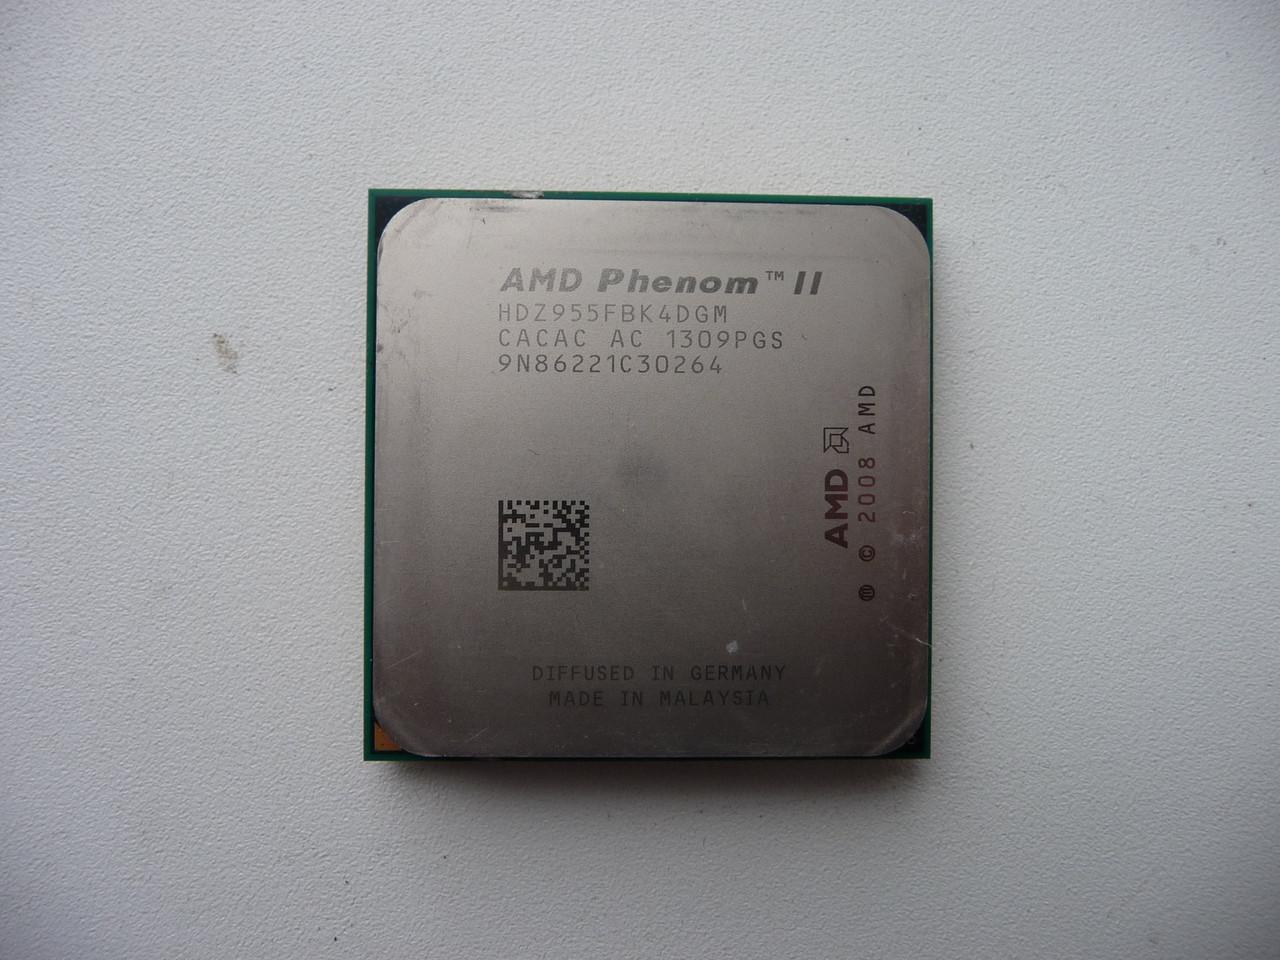 AMD Phenom II X4 955 Black Edition (HDZ955FBK4DGM)